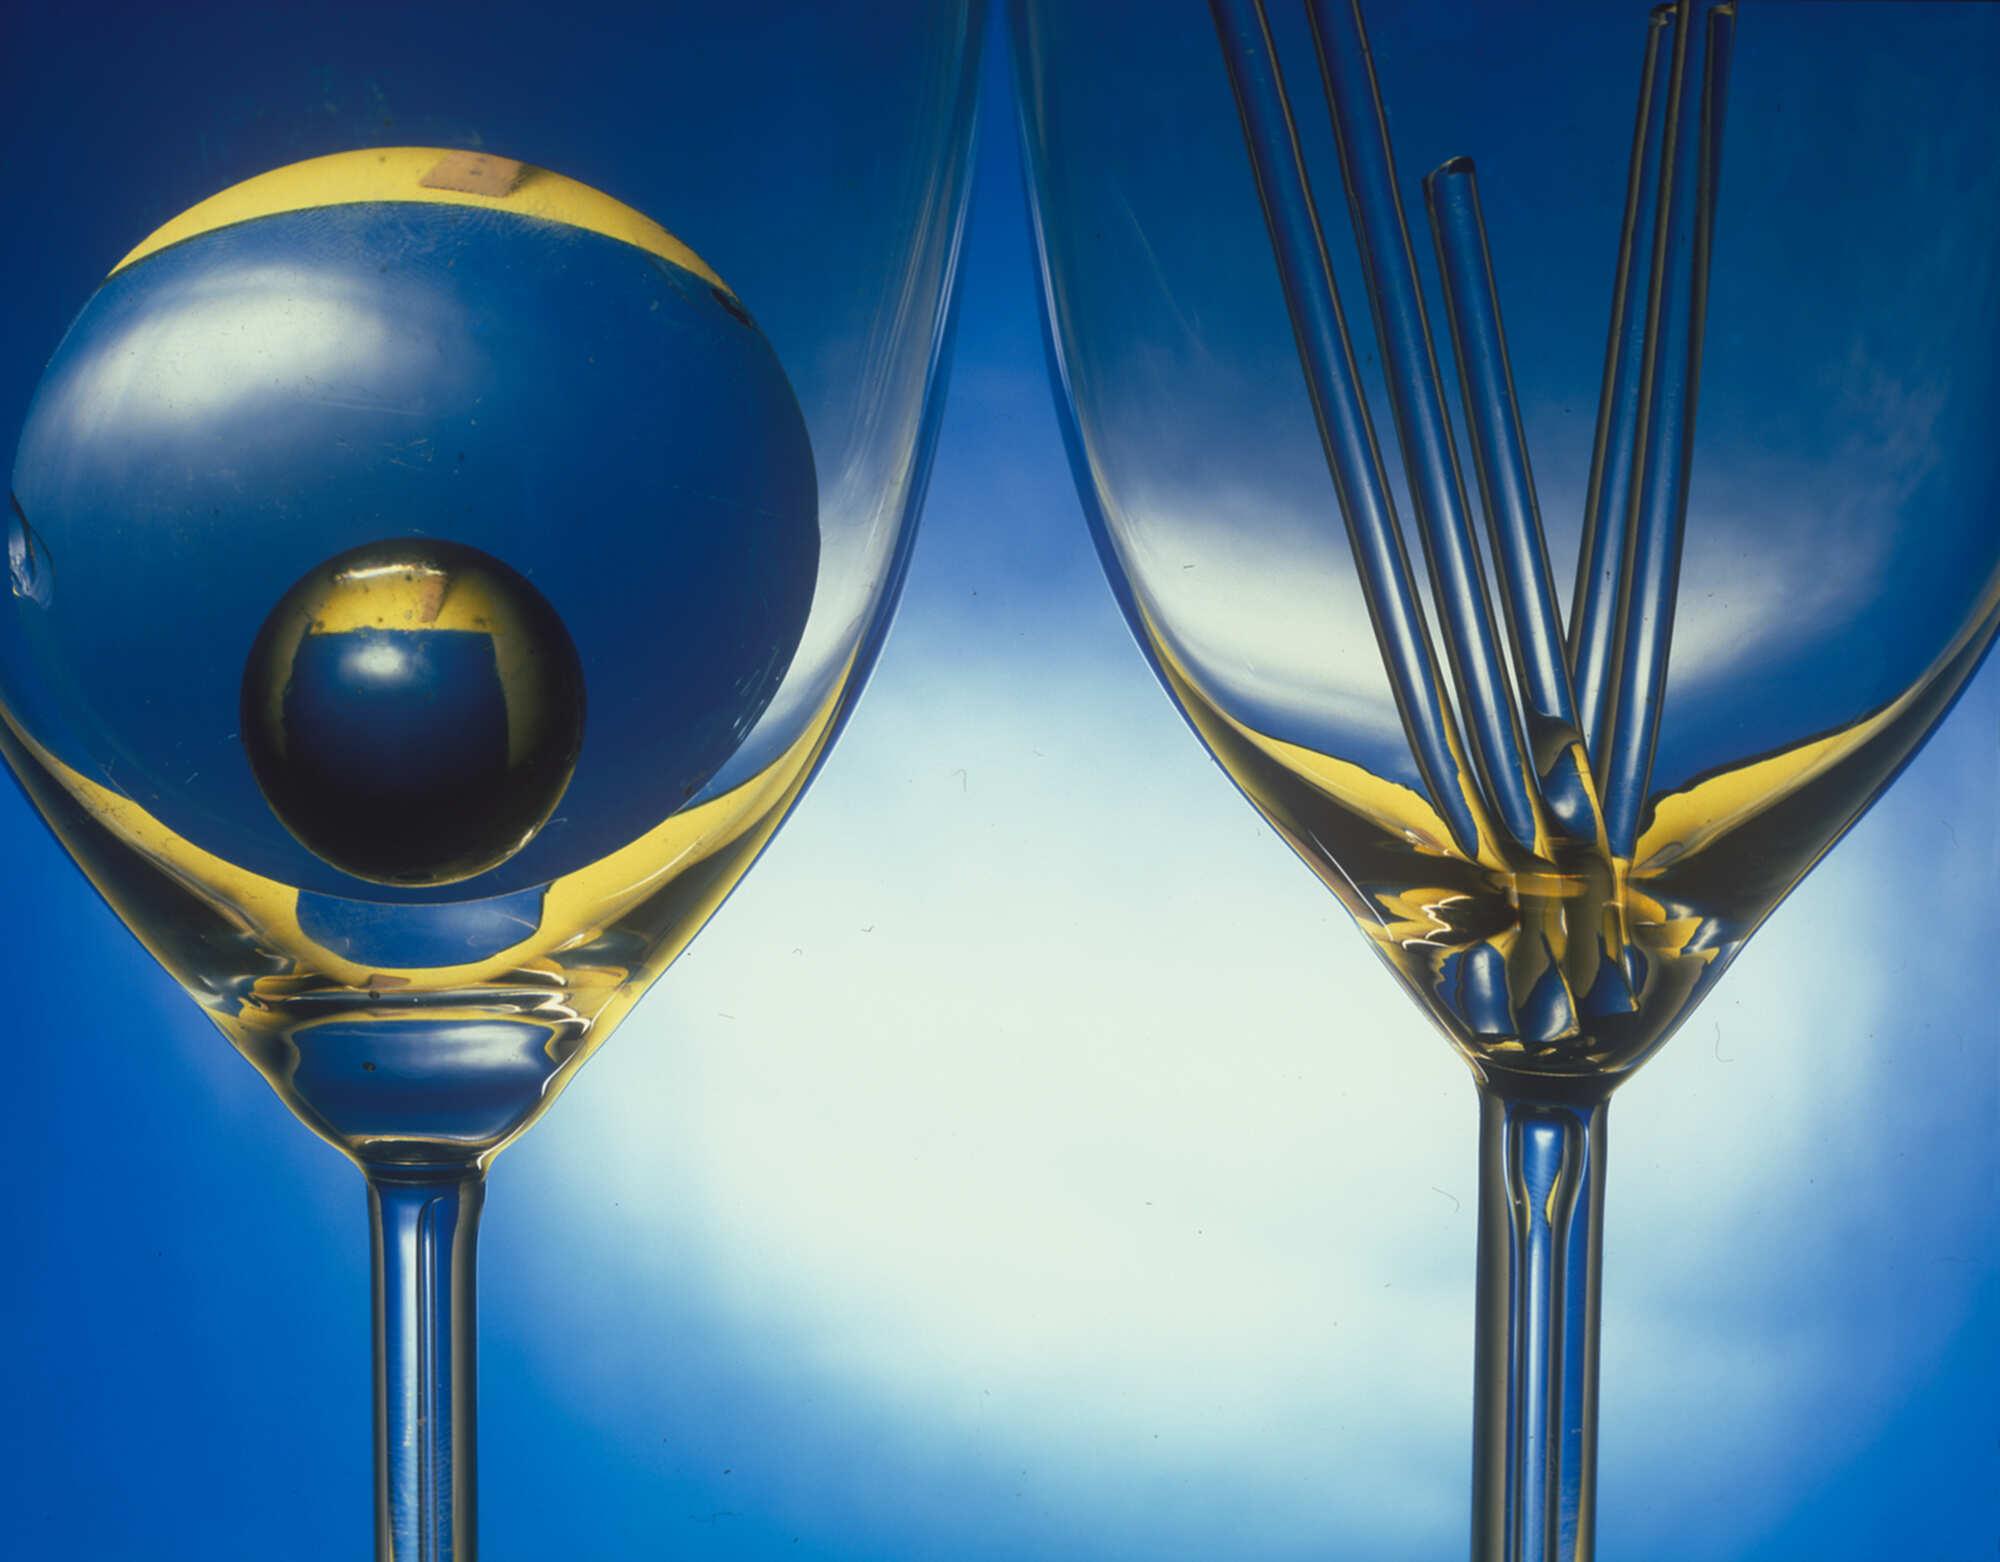 Винтажная фотография с изображением бокалов 2000 г.